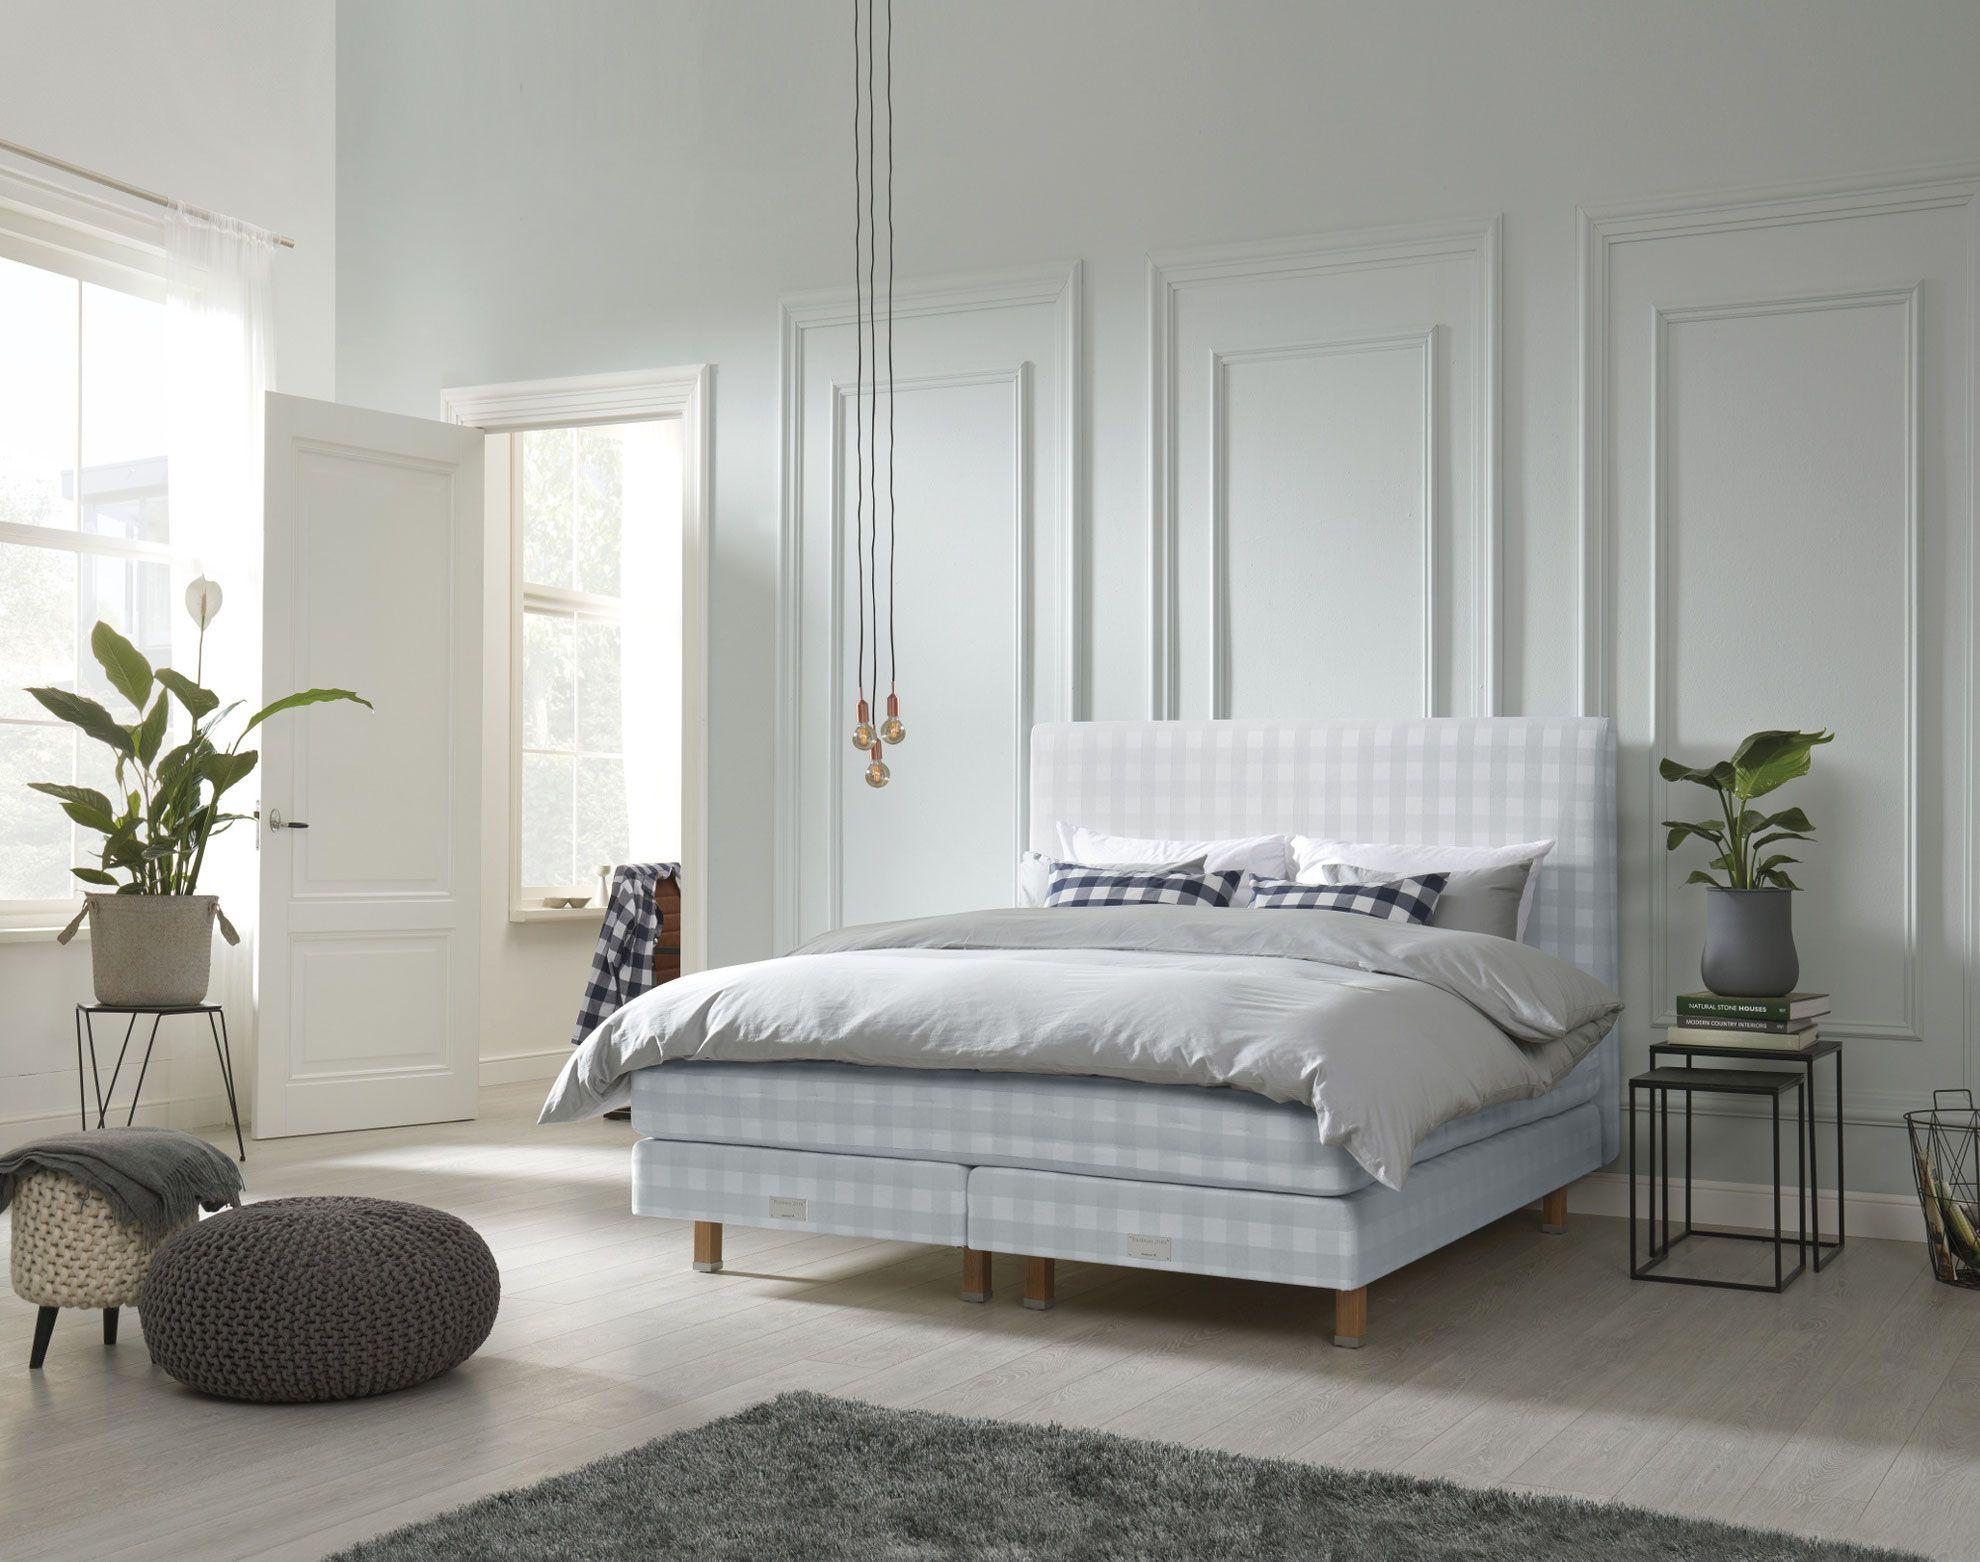 Hästens Platinum | Hästens Betten - alle Modelle | Pinterest